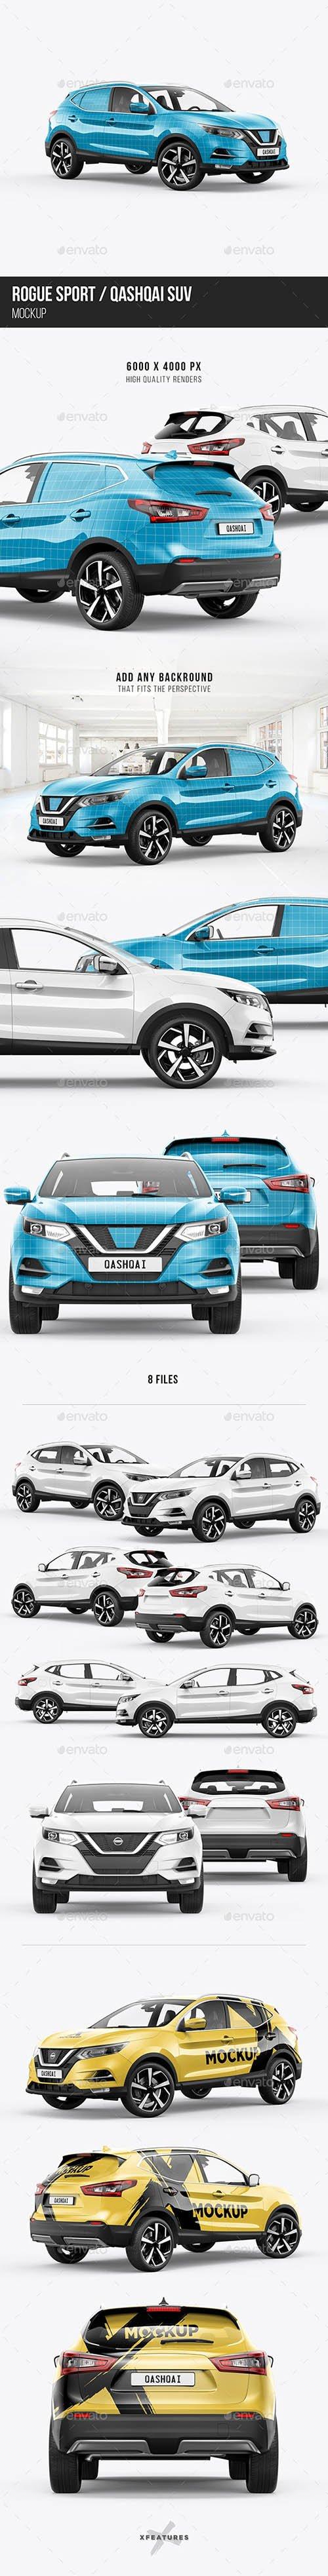 GraphicRiver - Qashqai/Rogue Sport SUV Mockup 24245477